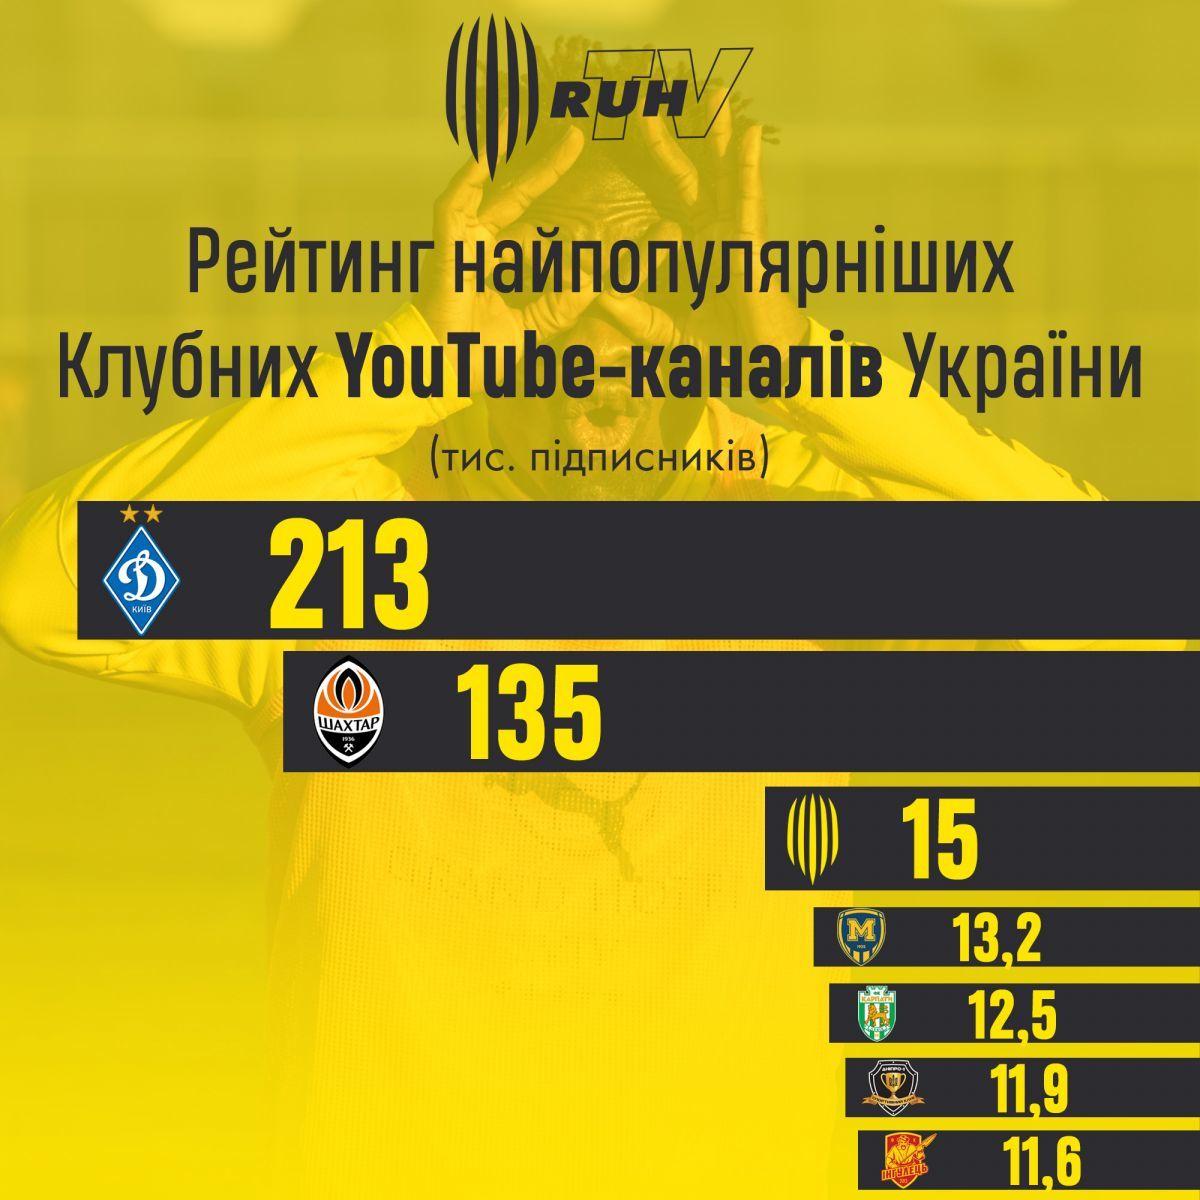 Рух вийшов на 3-е місце серед українських клубів за кількістю підписників на Youtube - изображение 1